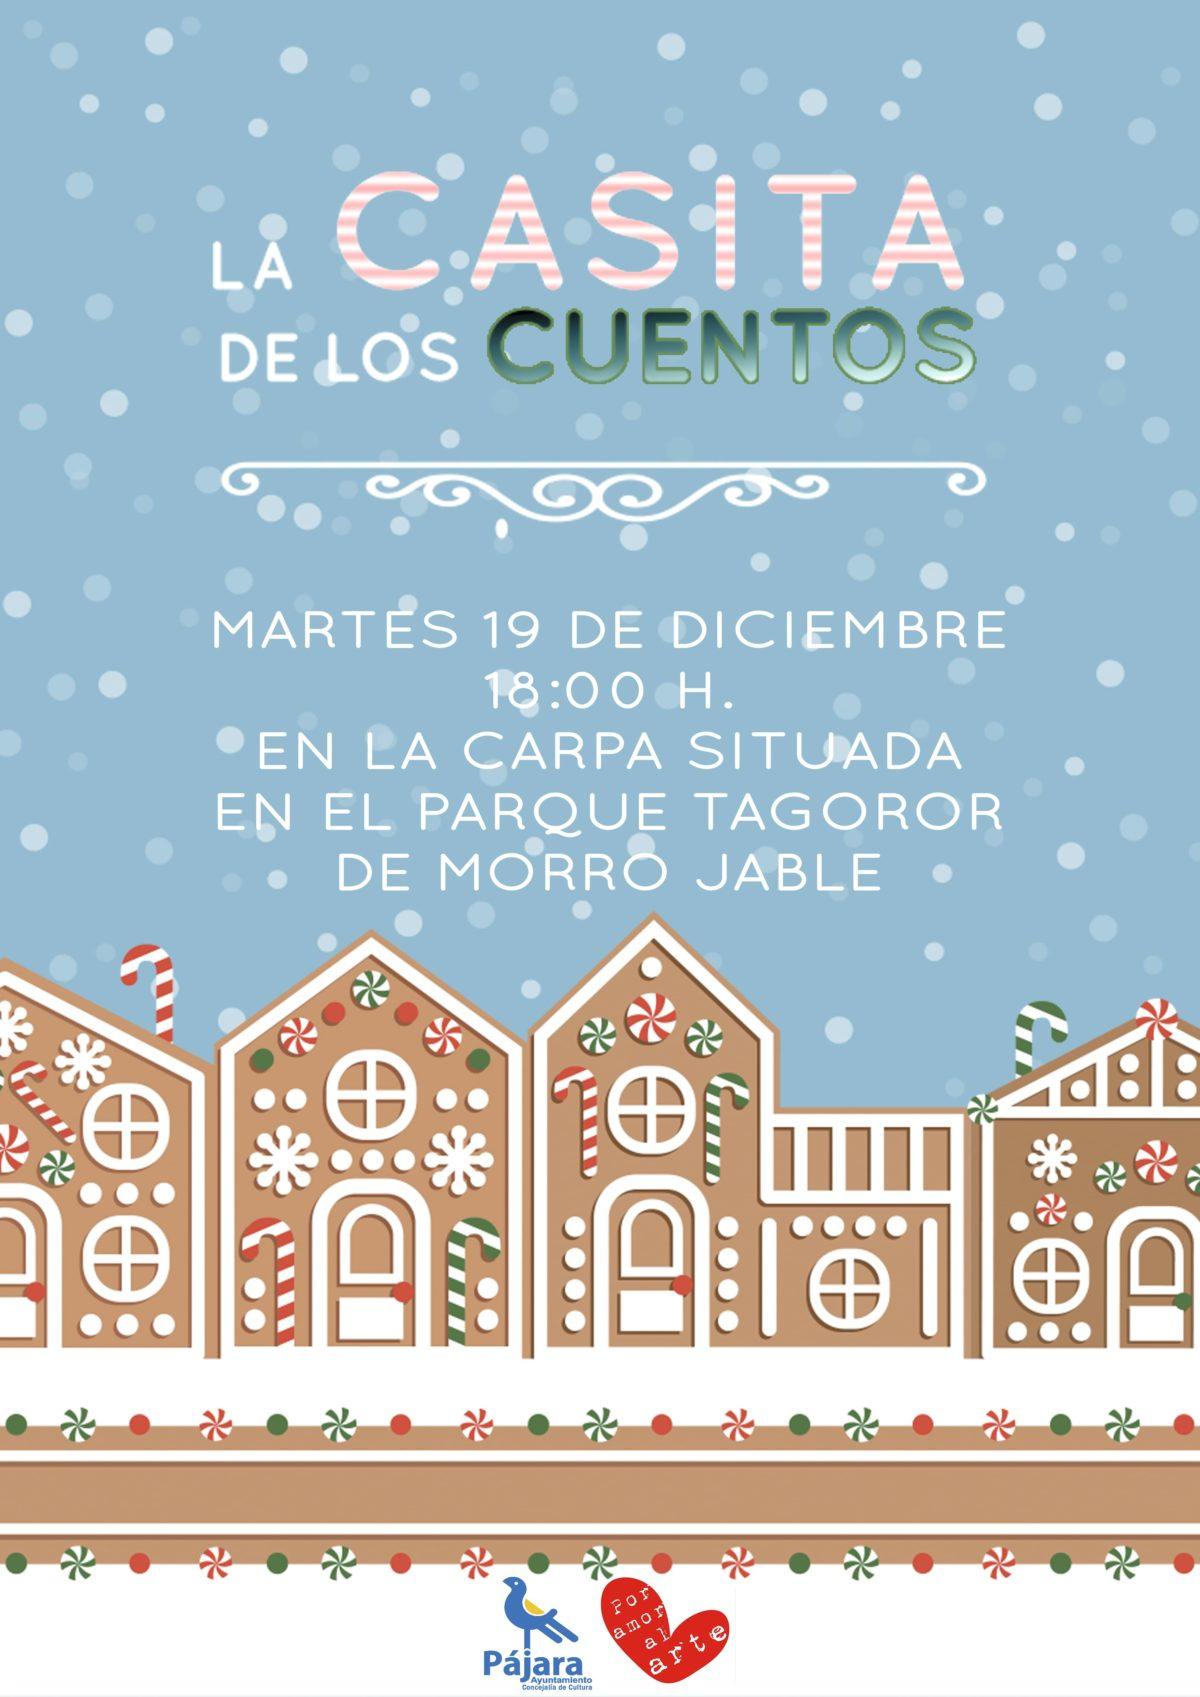 El Ayuntamiento de Pájara ofrece obras familiares y cuentos en su programación cultural de navidad